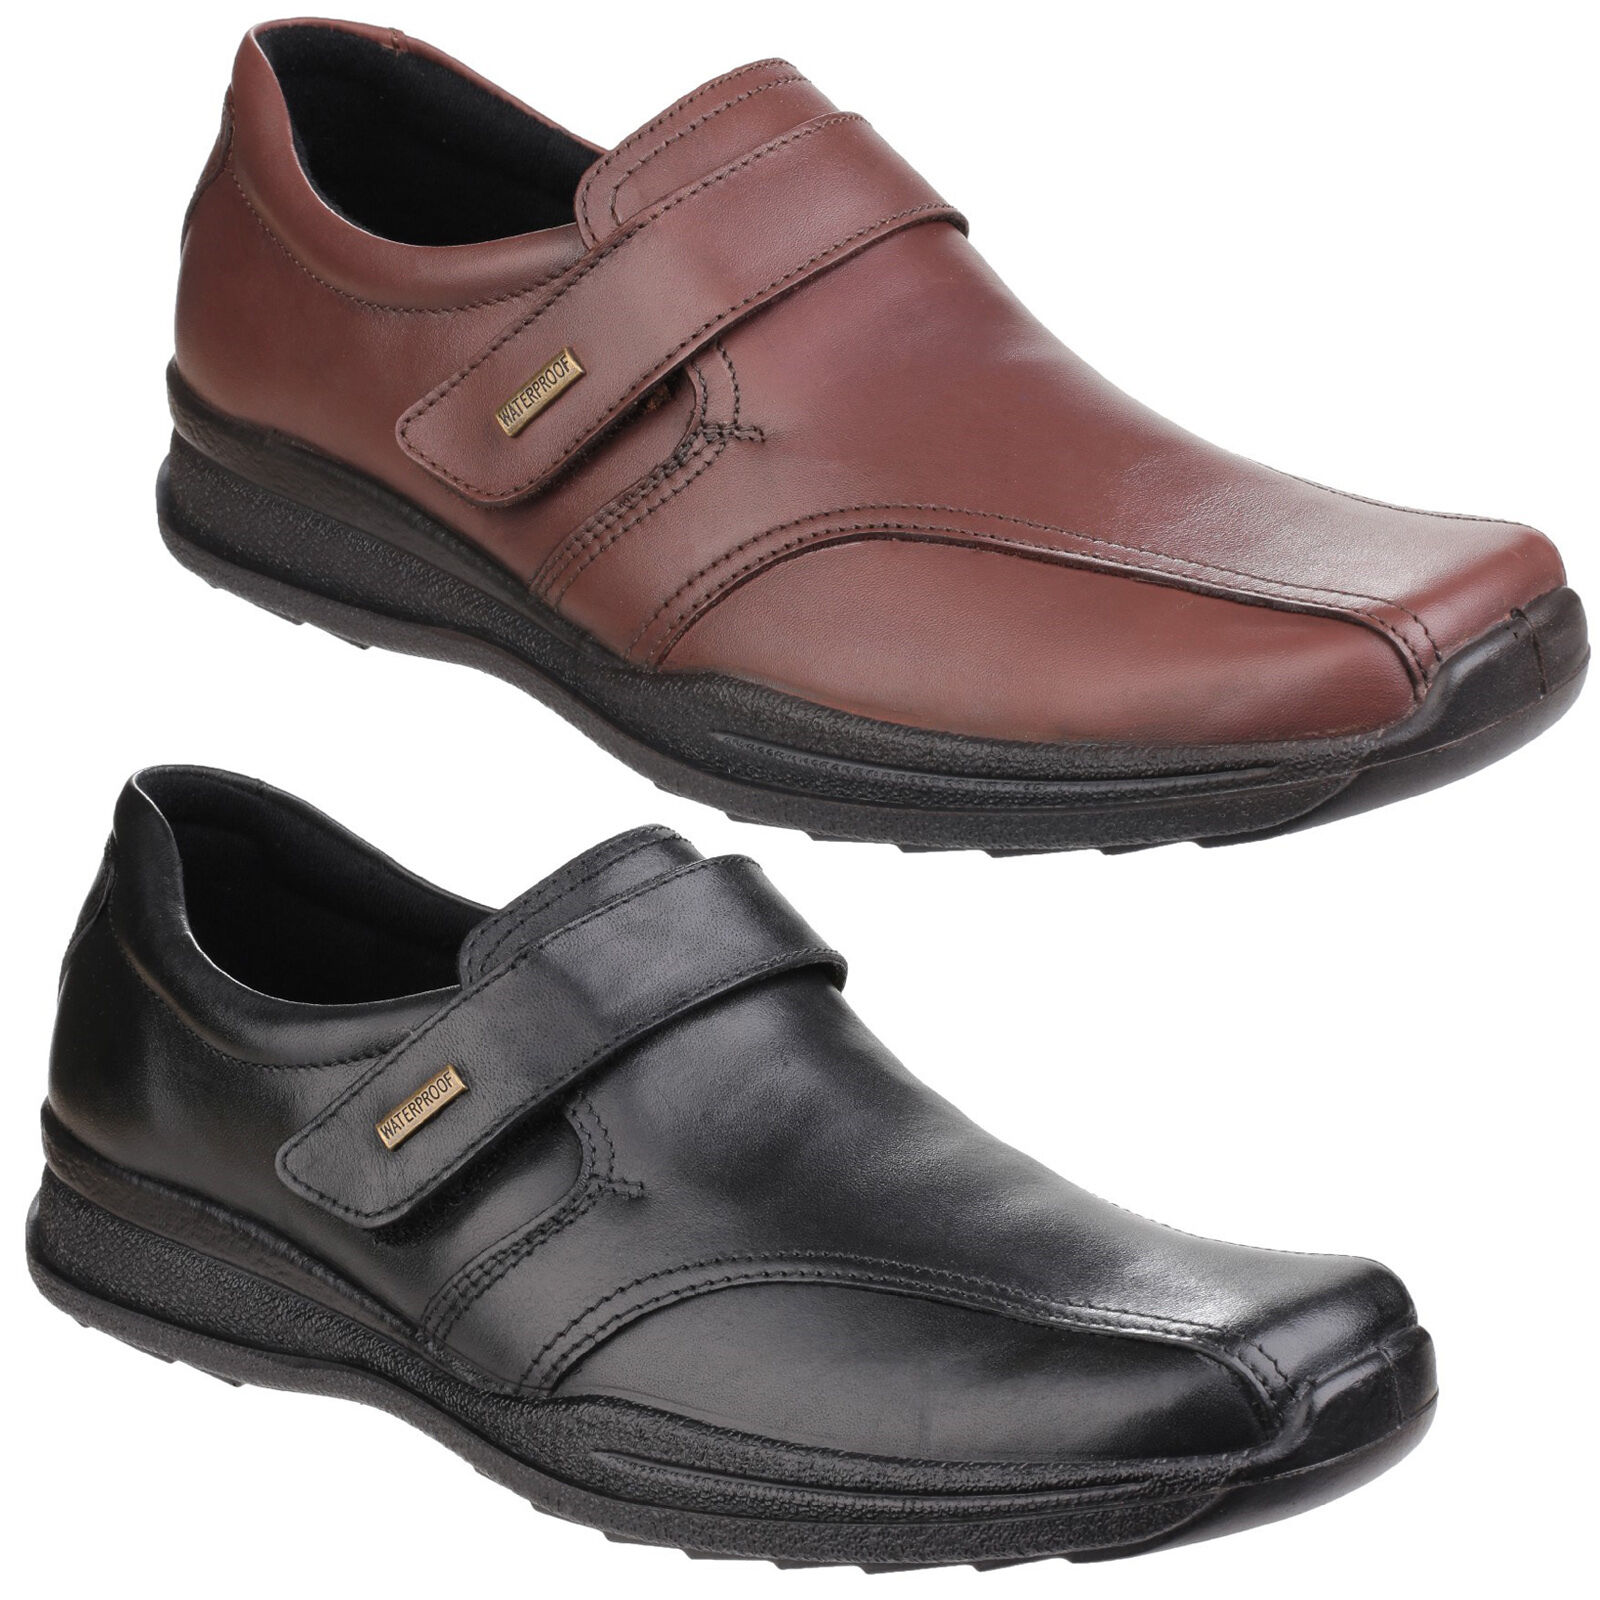 Cotswold birdlip Etanche Etanche Etanche homme habillé cuir fermeture scratch chaussures uk6-12 f7893b